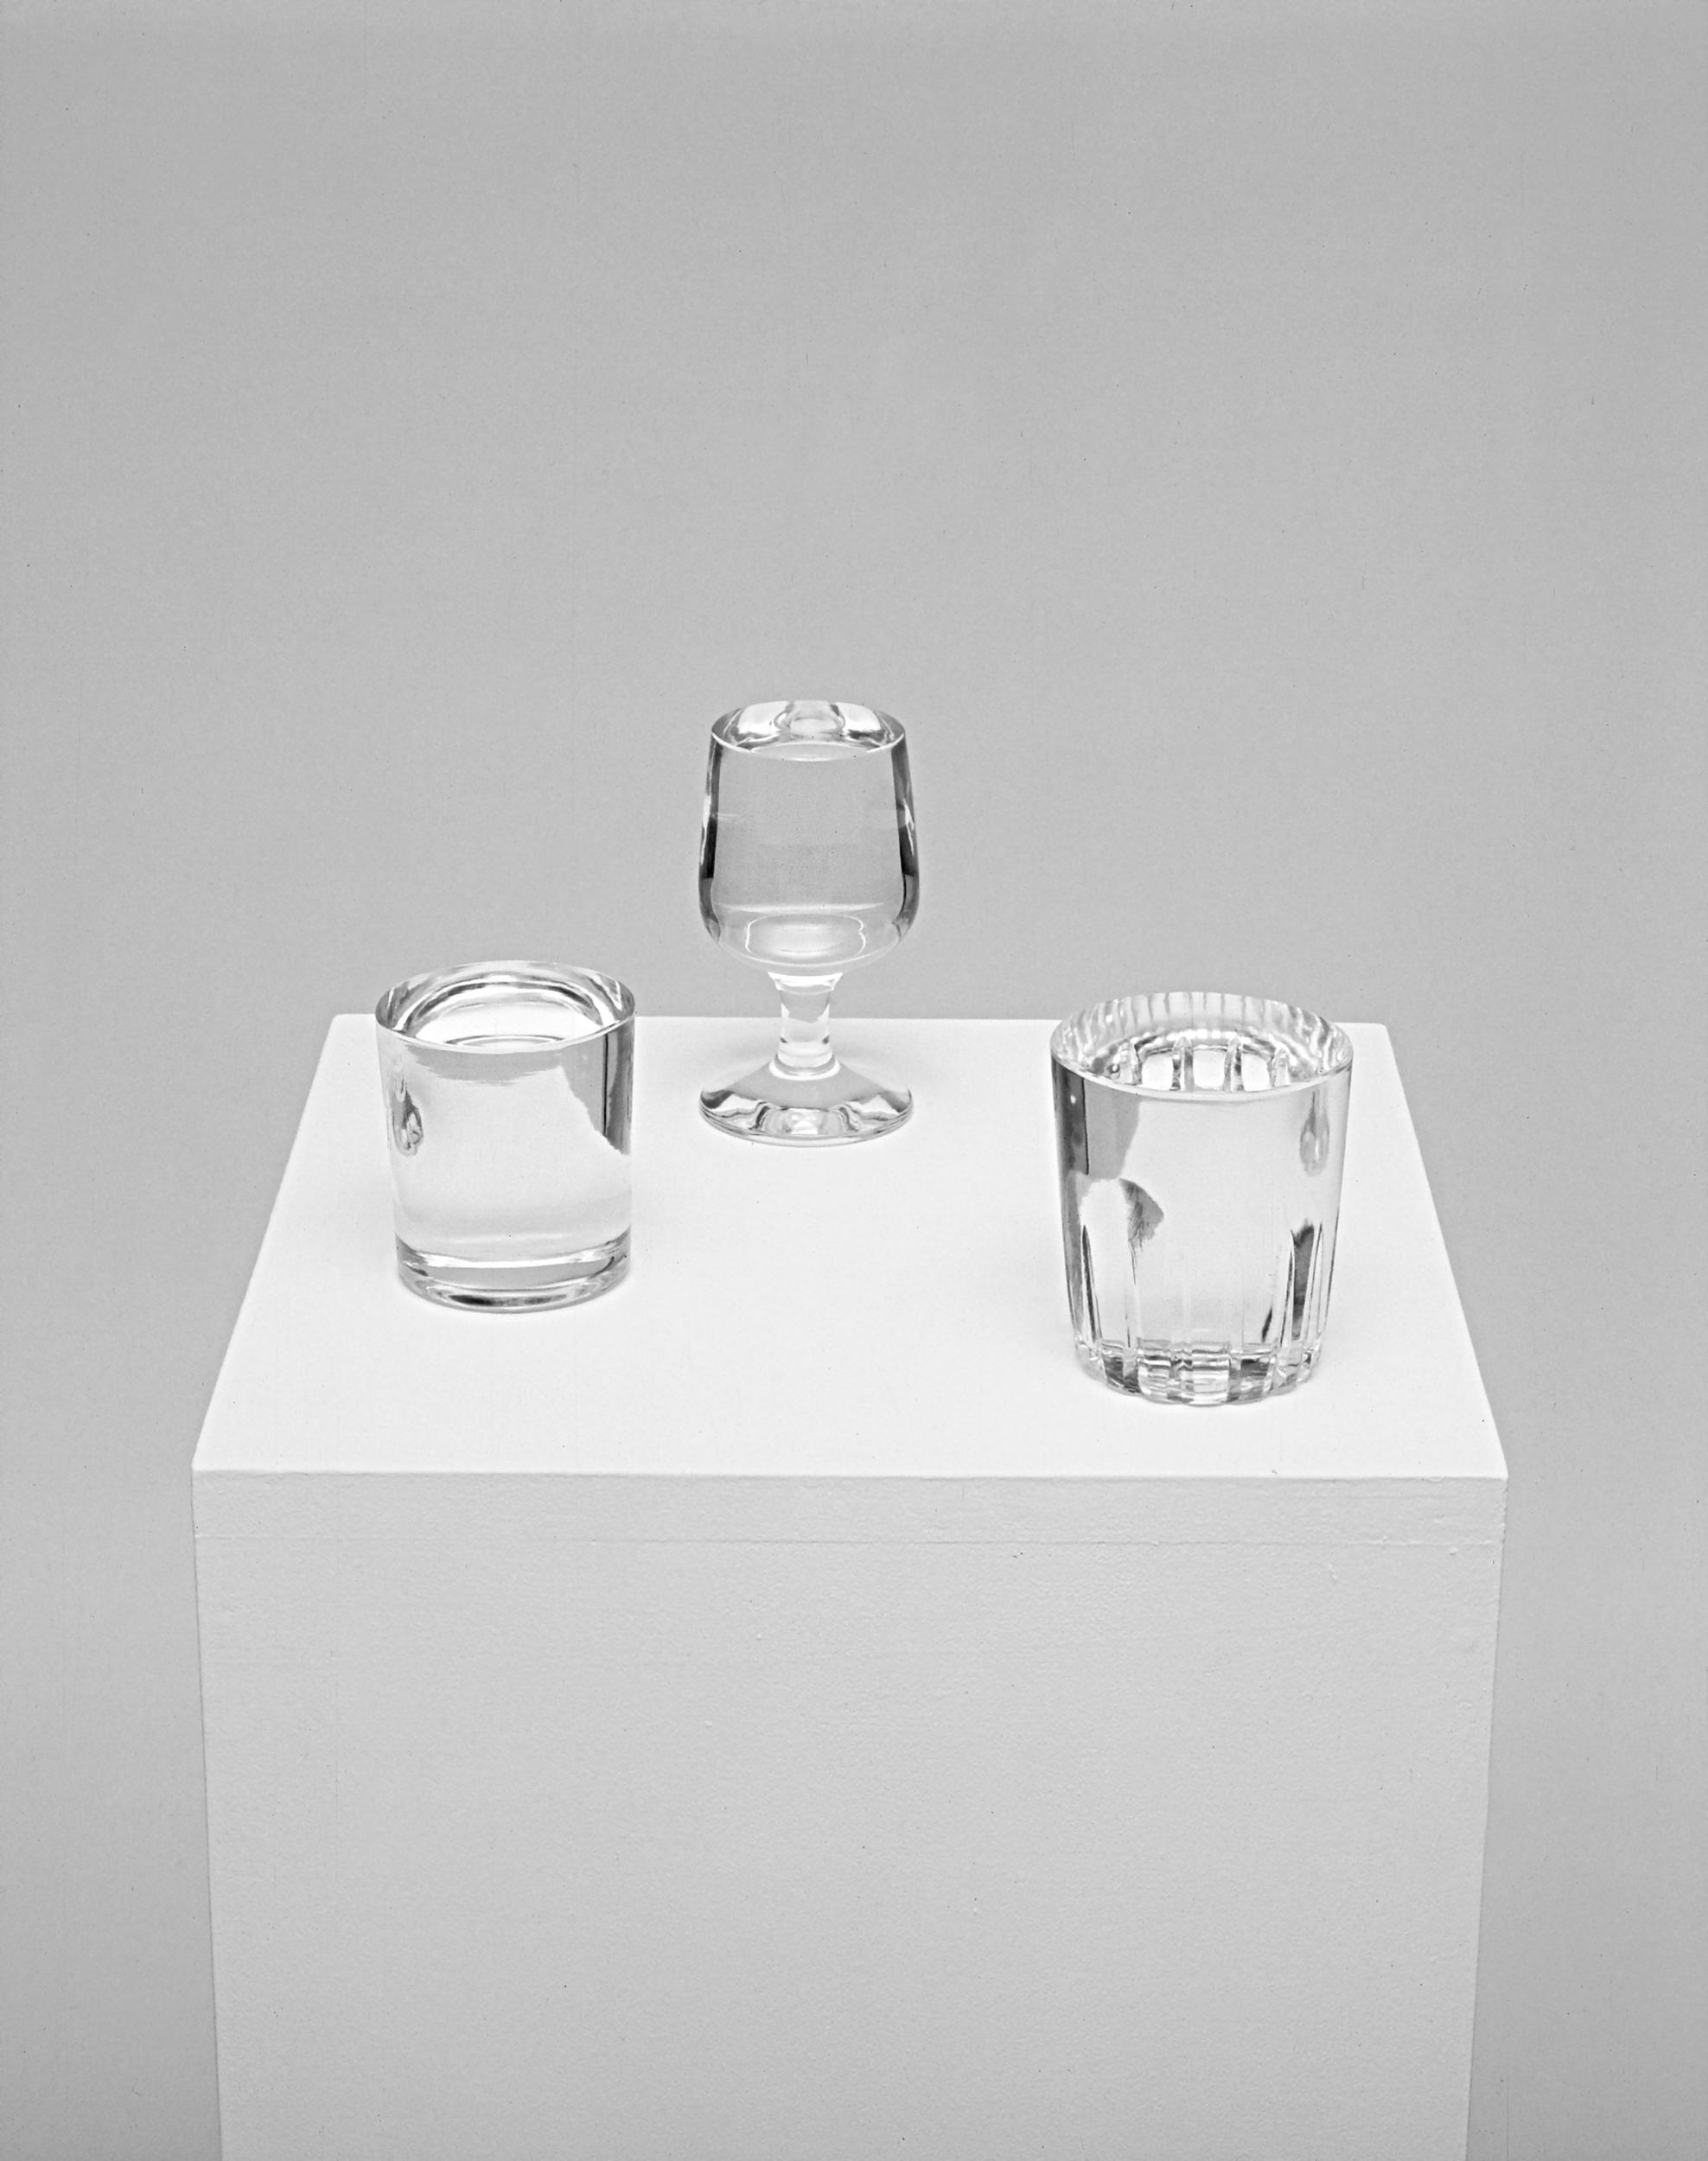 Carlo Benvenuto, Senza Titolo, 1999, vetro di Murano, cm 9x12, cm 9x14,cm 10x12